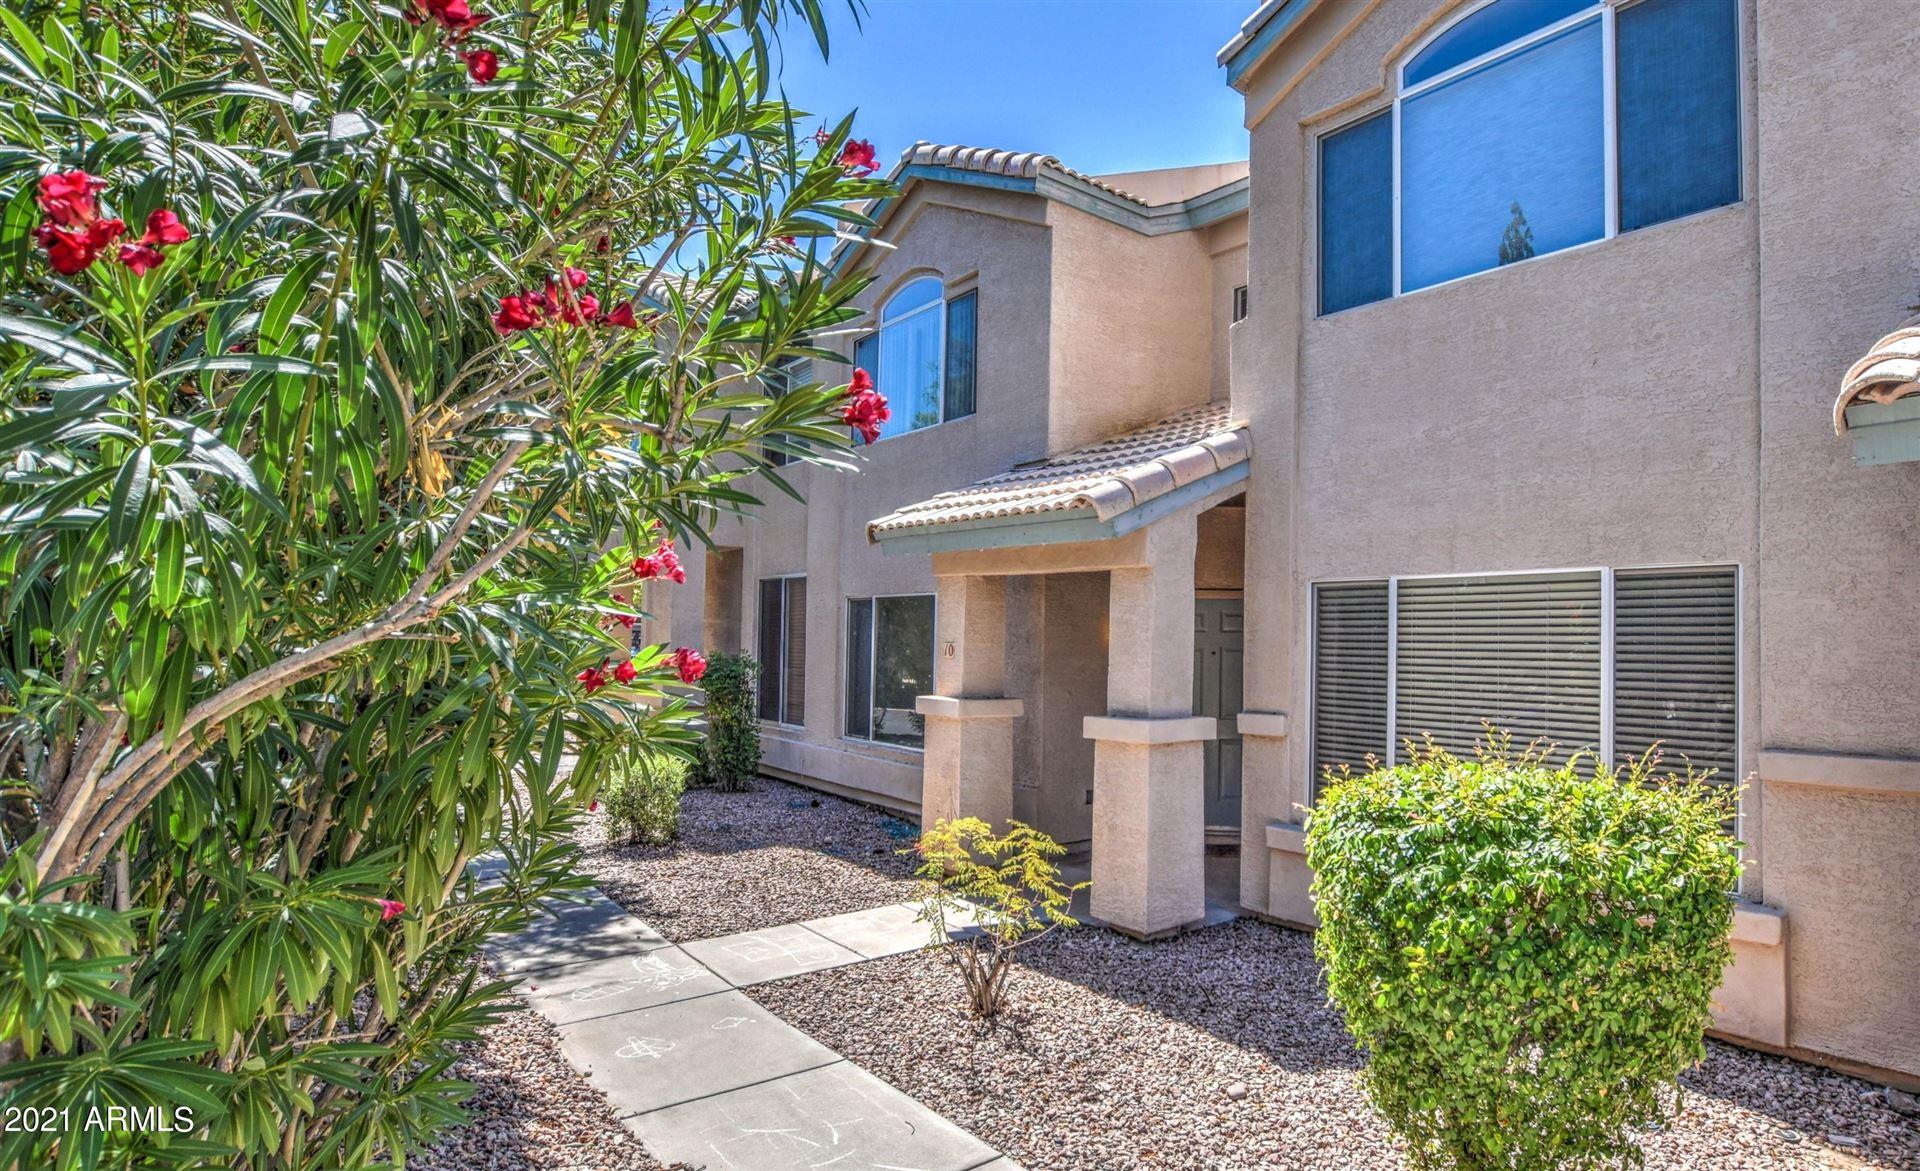 4805 E KACHINA Trail #10, Phoenix, AZ 85044 - MLS#: 6230256